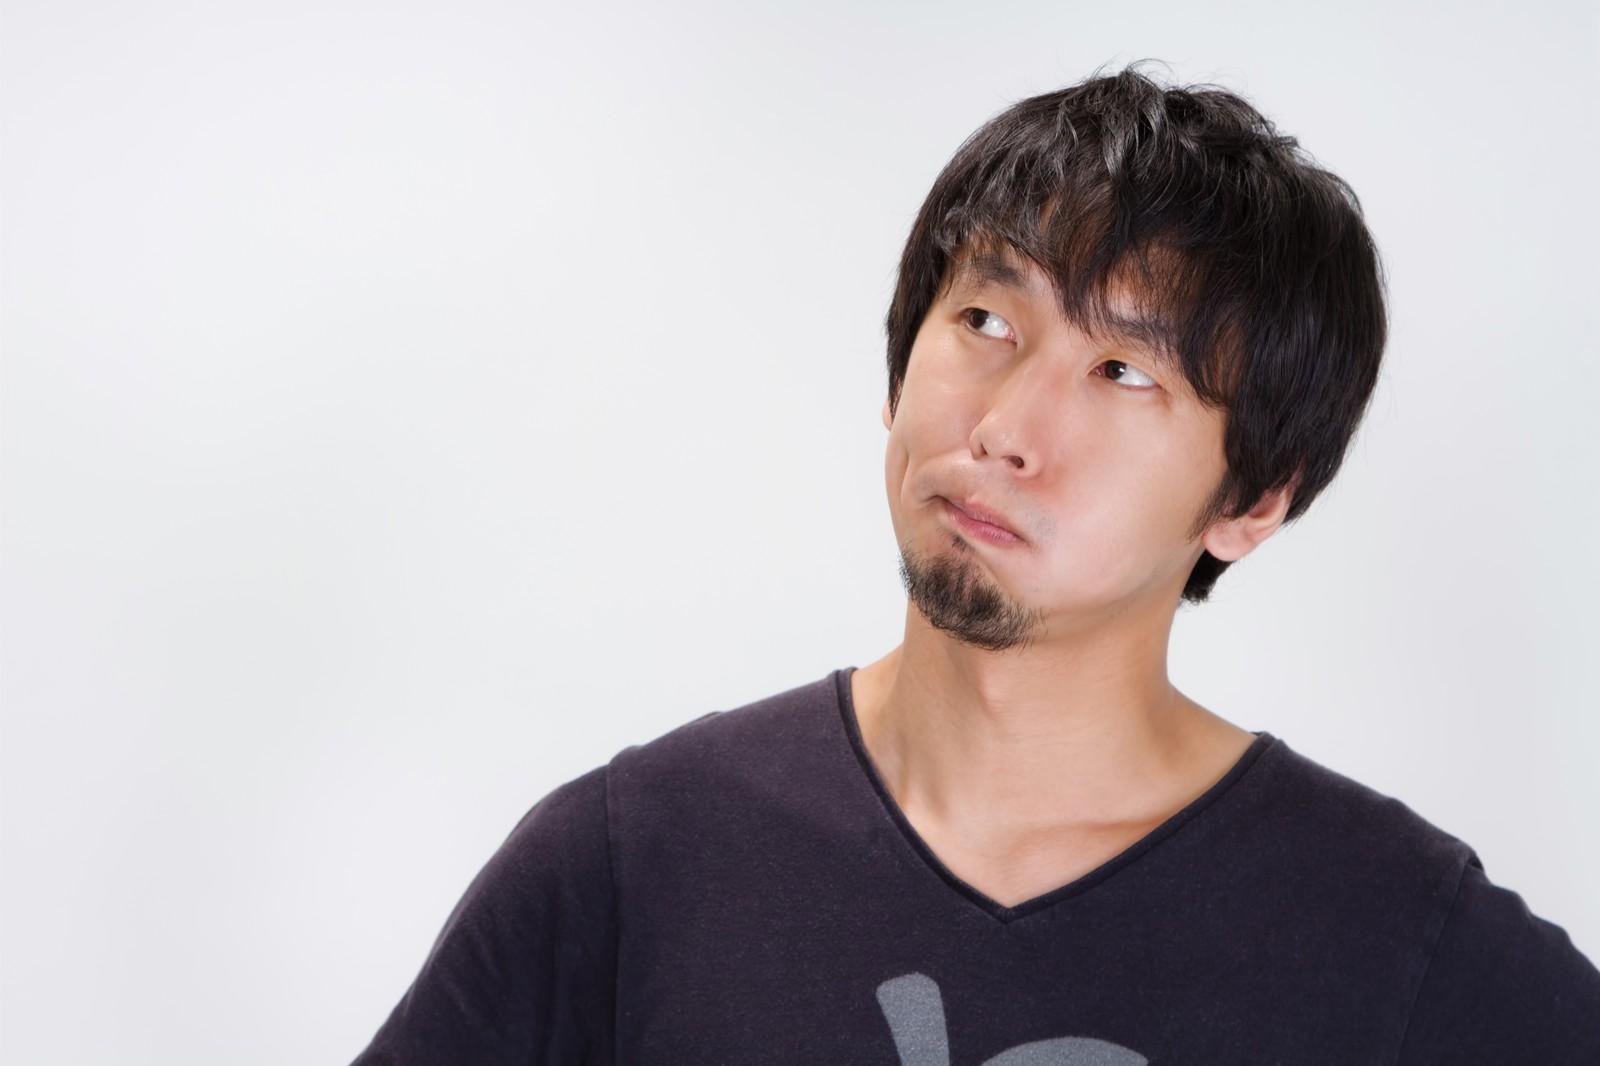 【カラオケ】低音の換声点ってどこなんだろうか